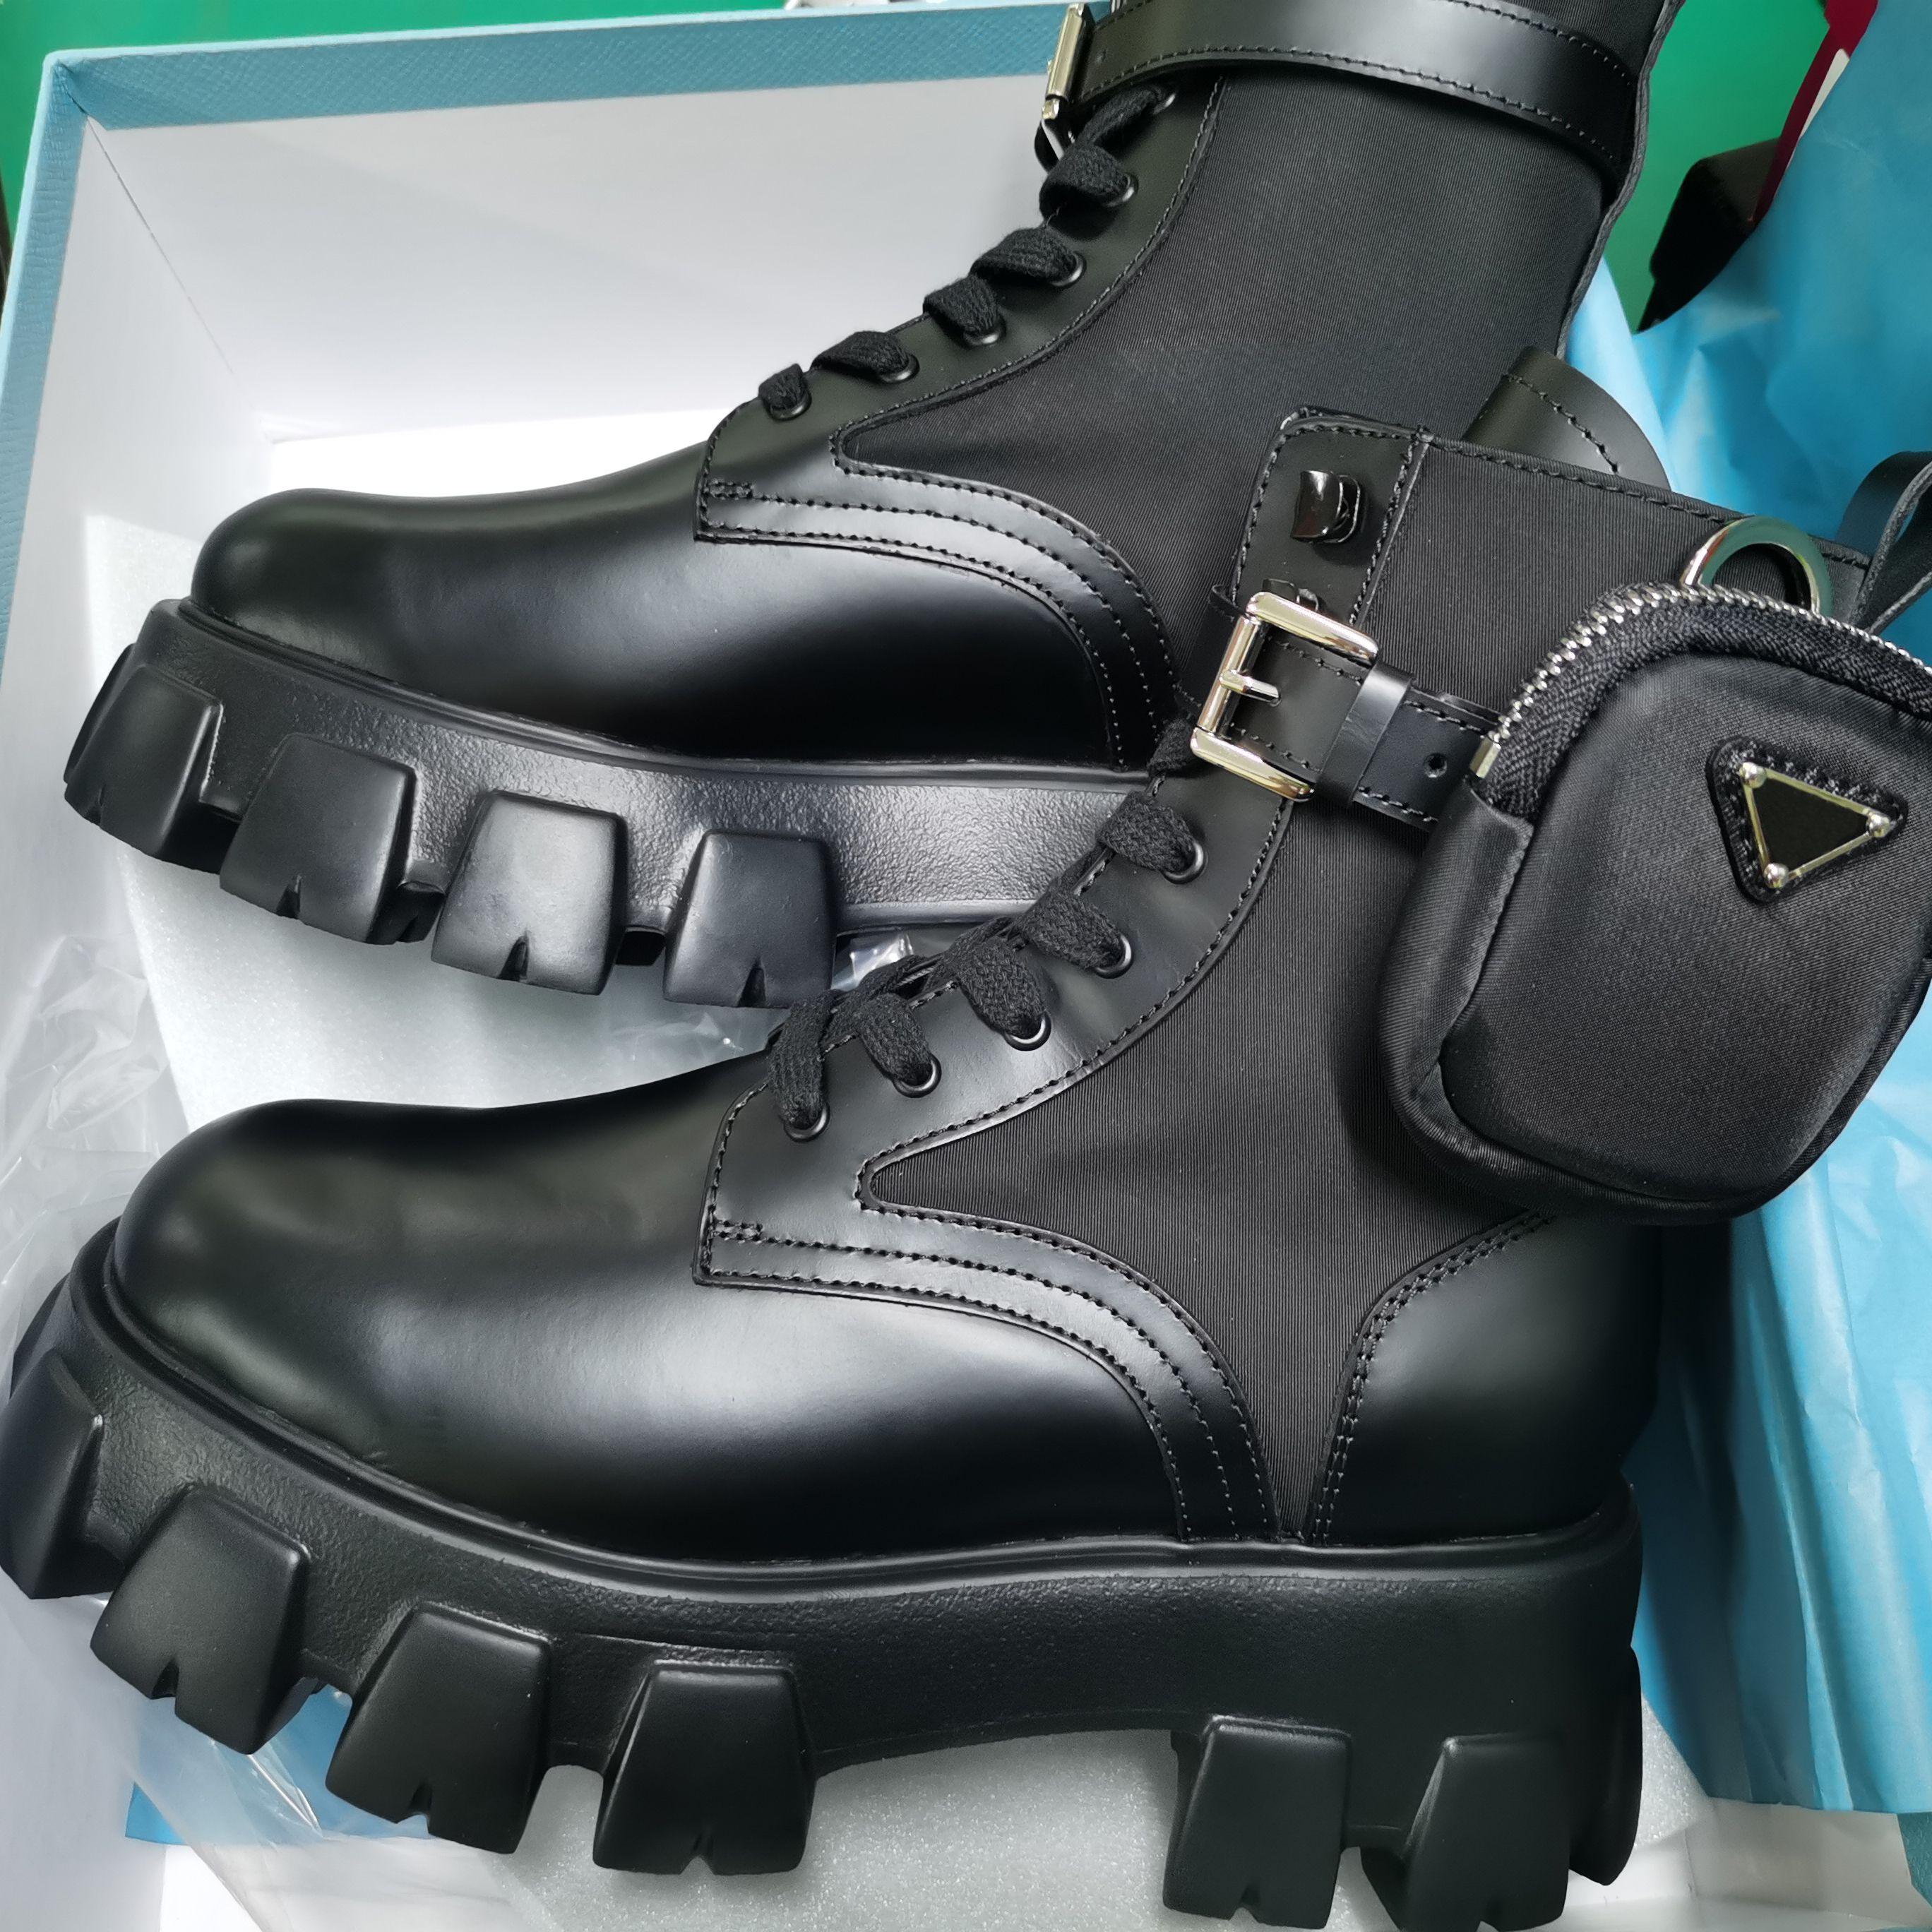 2020 rois الأحذية نايلون ديربي الكاحل مارتن الأحذية النساء معركة الأحذية الجلدية القتالية الأحذية السوداء المطاط الوحيد منصة الأحذية النايلون الحقيبة مع مربع